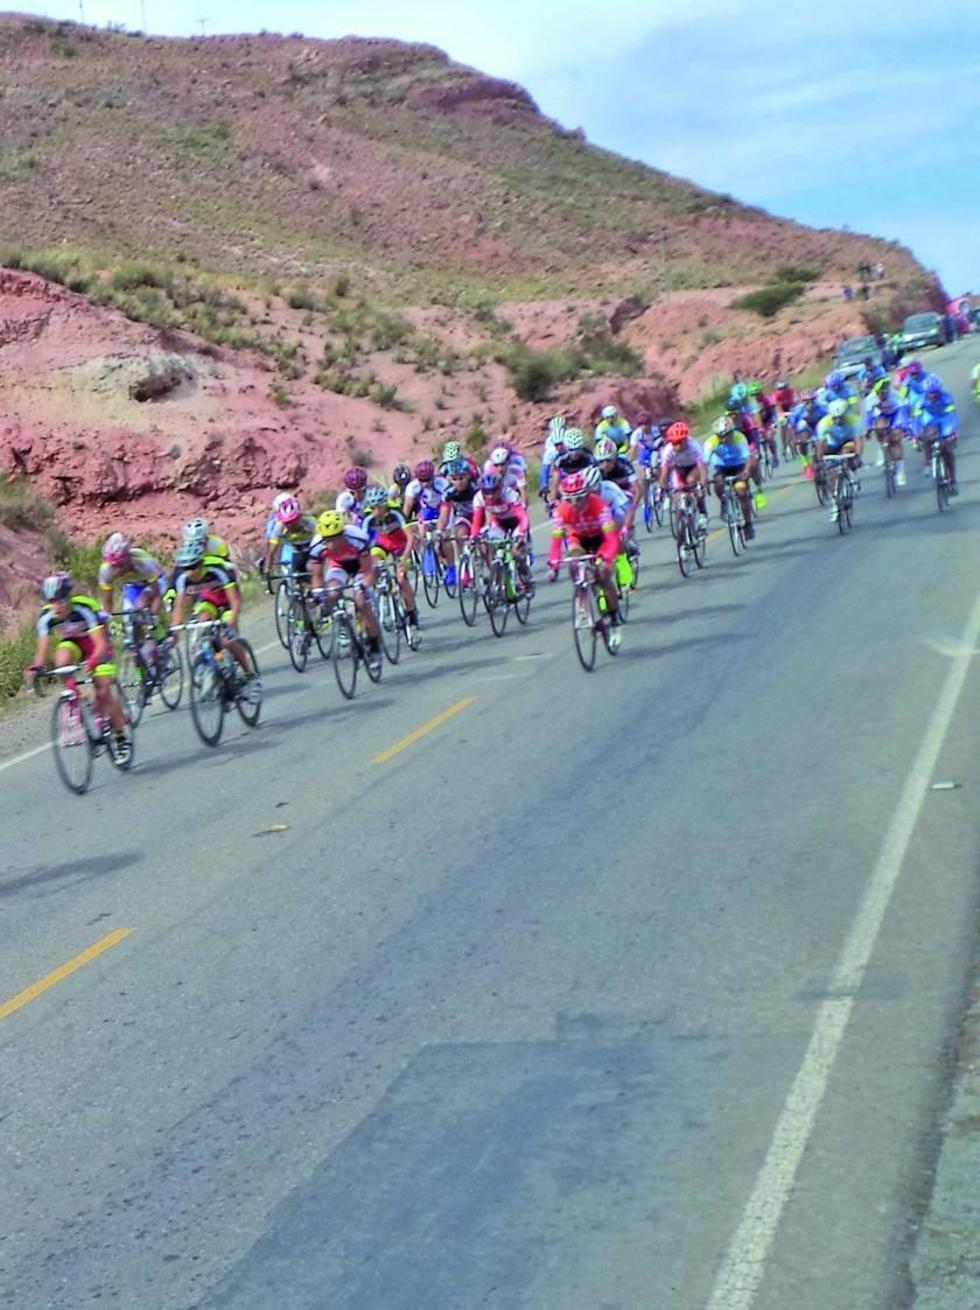 La competencia unirá los departamentos de Cochabamba, Chuquisaca y Potosí.